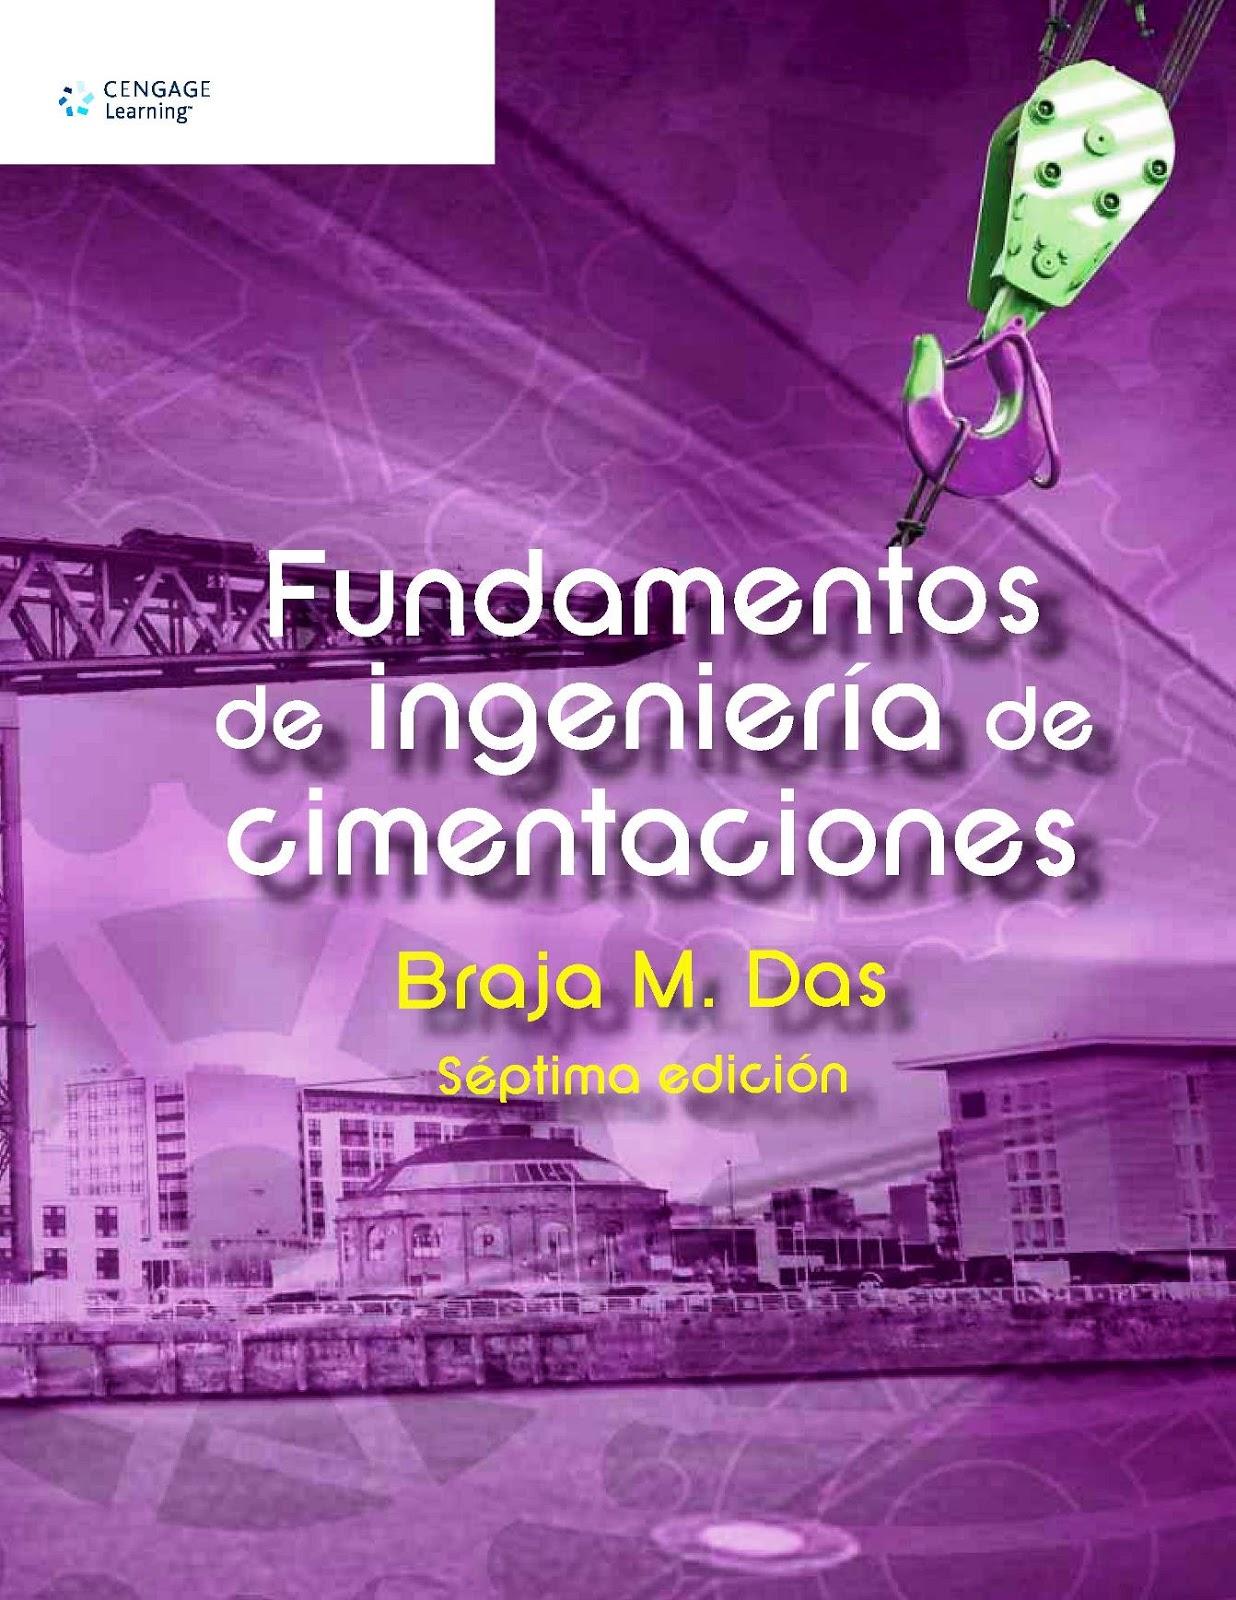 Fundamentos de ingeniería de cimentaciones, 7ma Edición – Braja M. Das